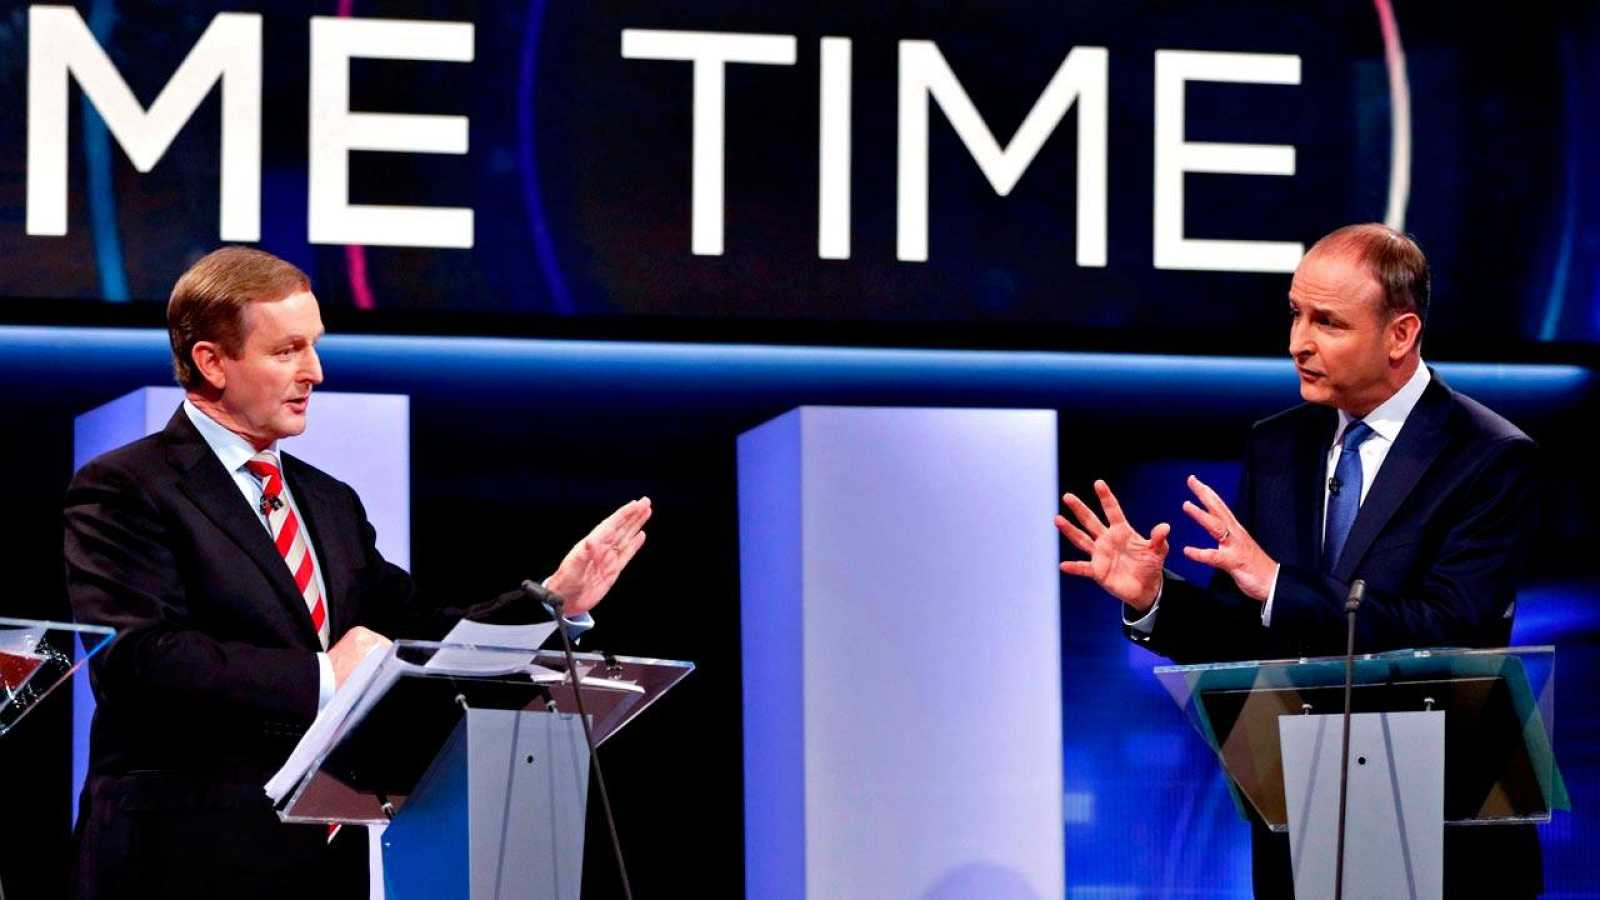 El líder del Fine Gael y primer ministro en funciones de Irlanda, Enda Kenny, debate con Michéal Martin, líder del Fianna Fáil, durante la campaña electoral